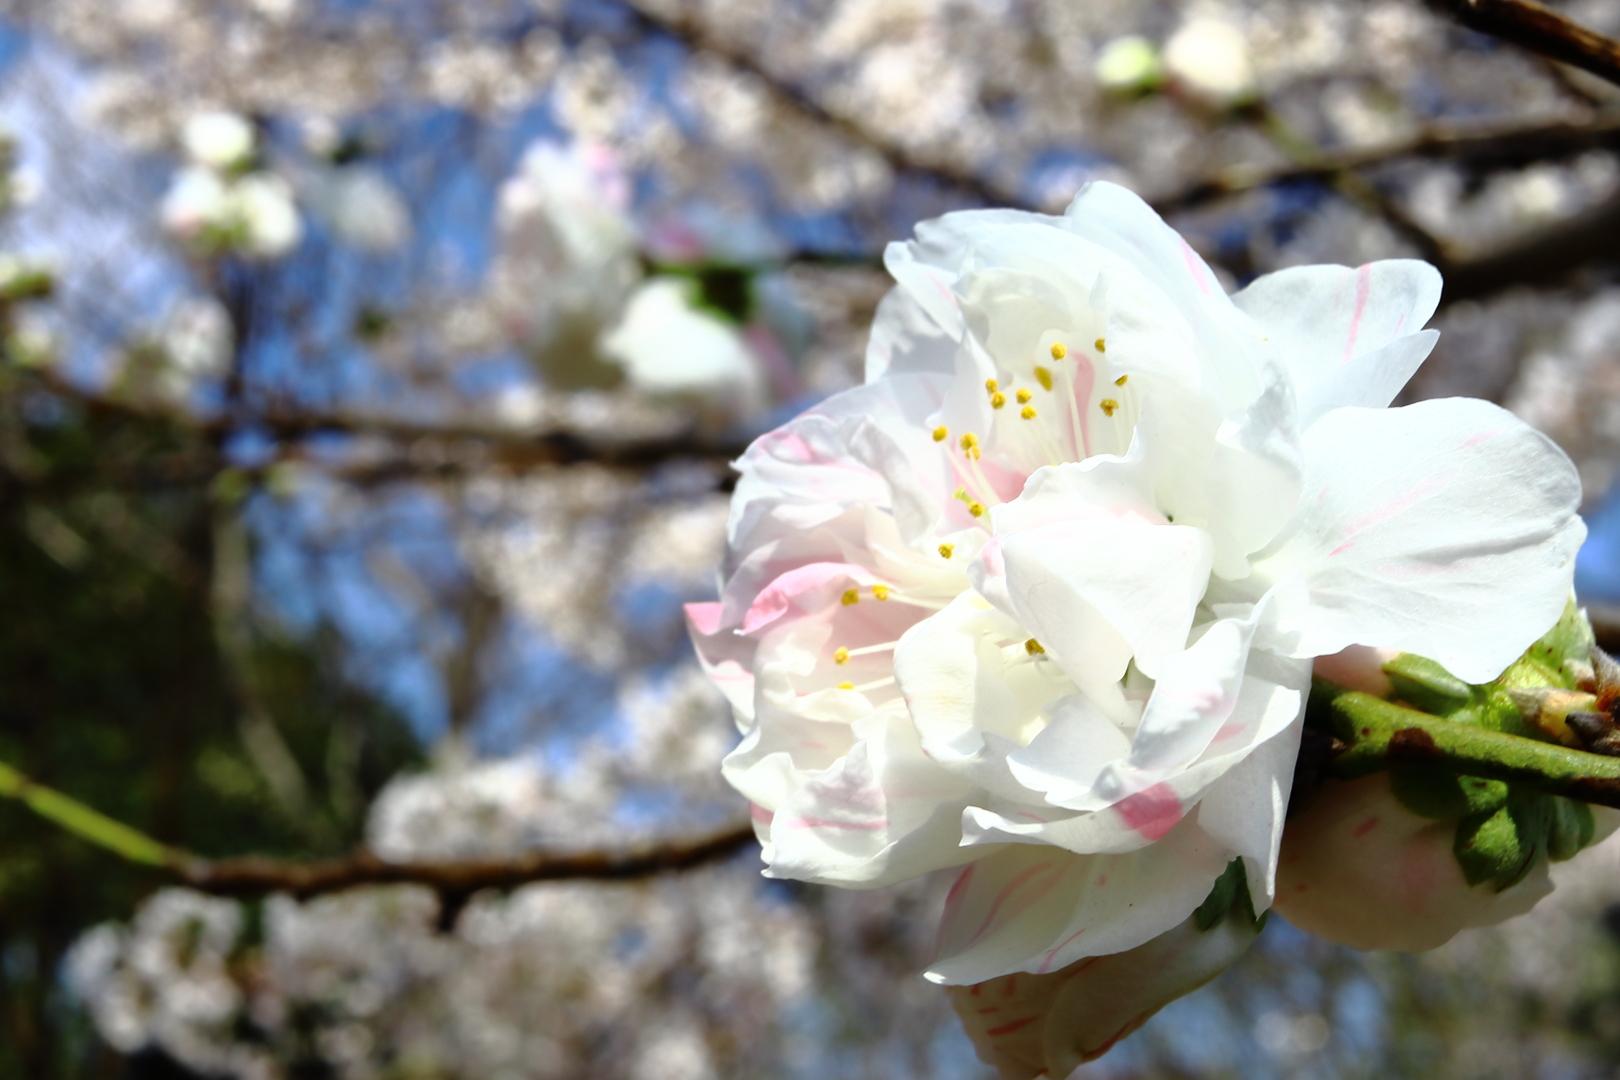 福岡・筑前の小京都・秋月に咲くソメイヨシノ